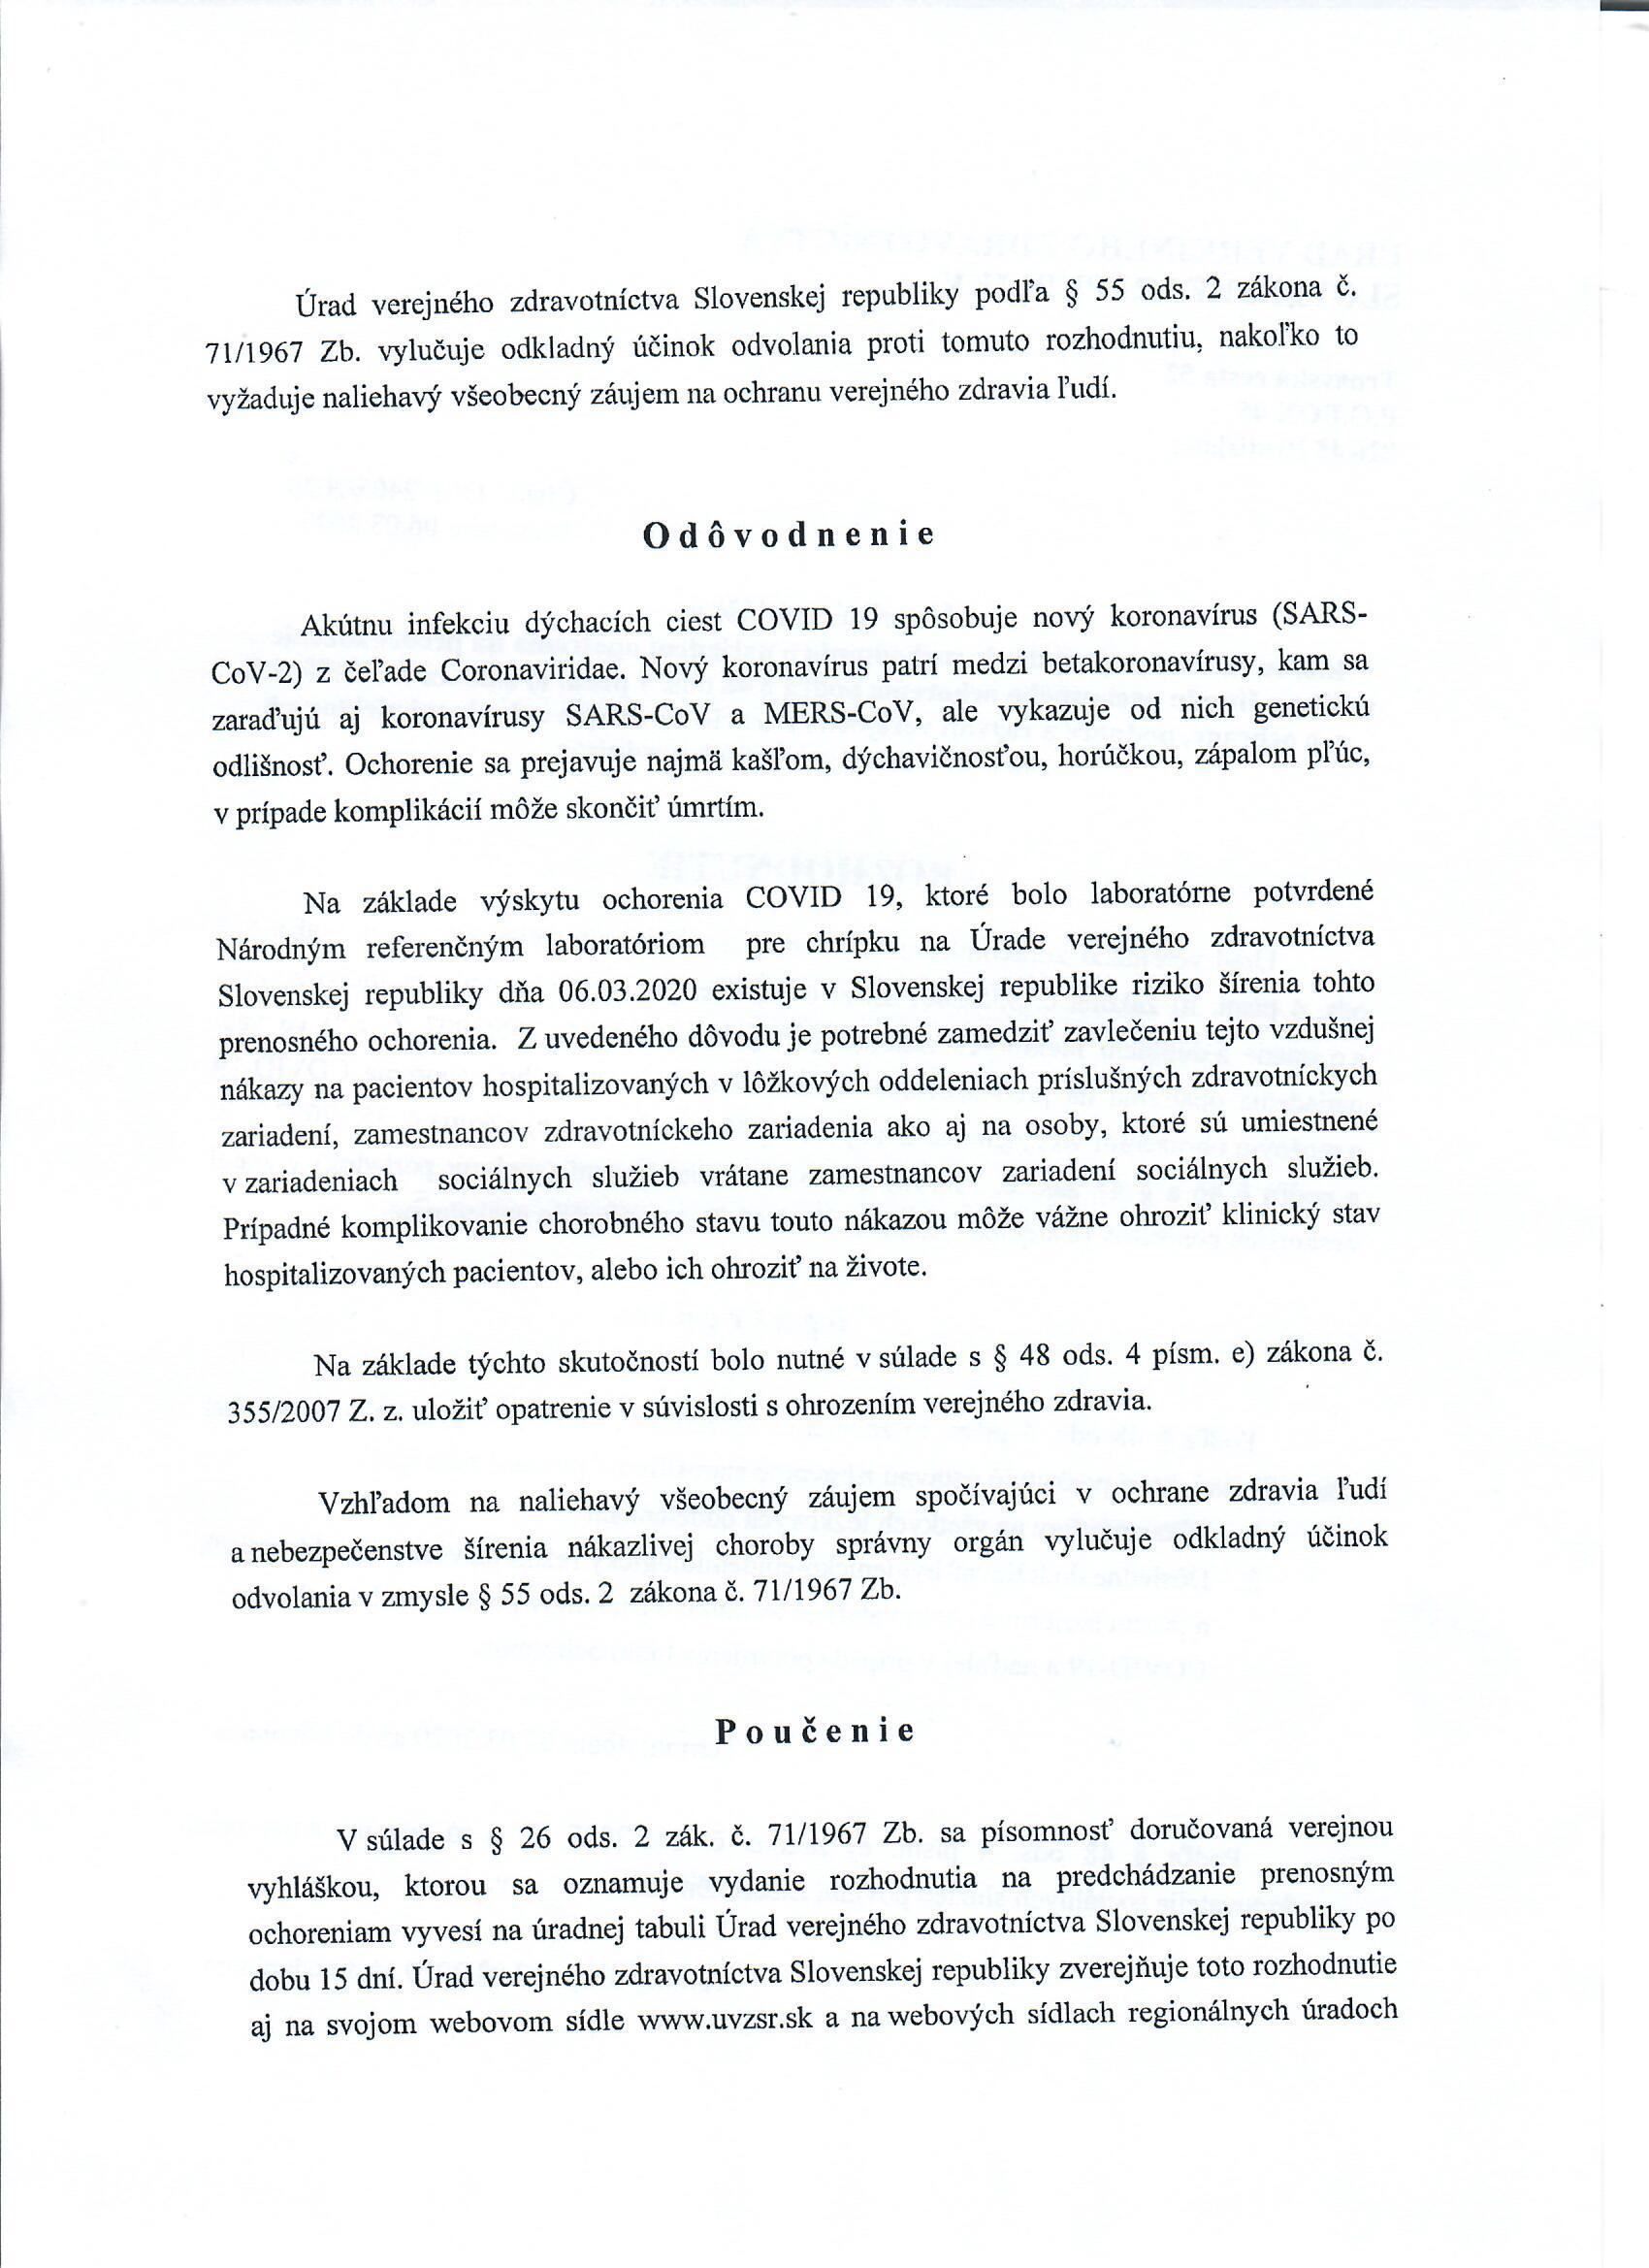 A Közegészségügyi Hivatal hirdetménye // Verejná vyhláška Úradu verejného zdravotníctva 2